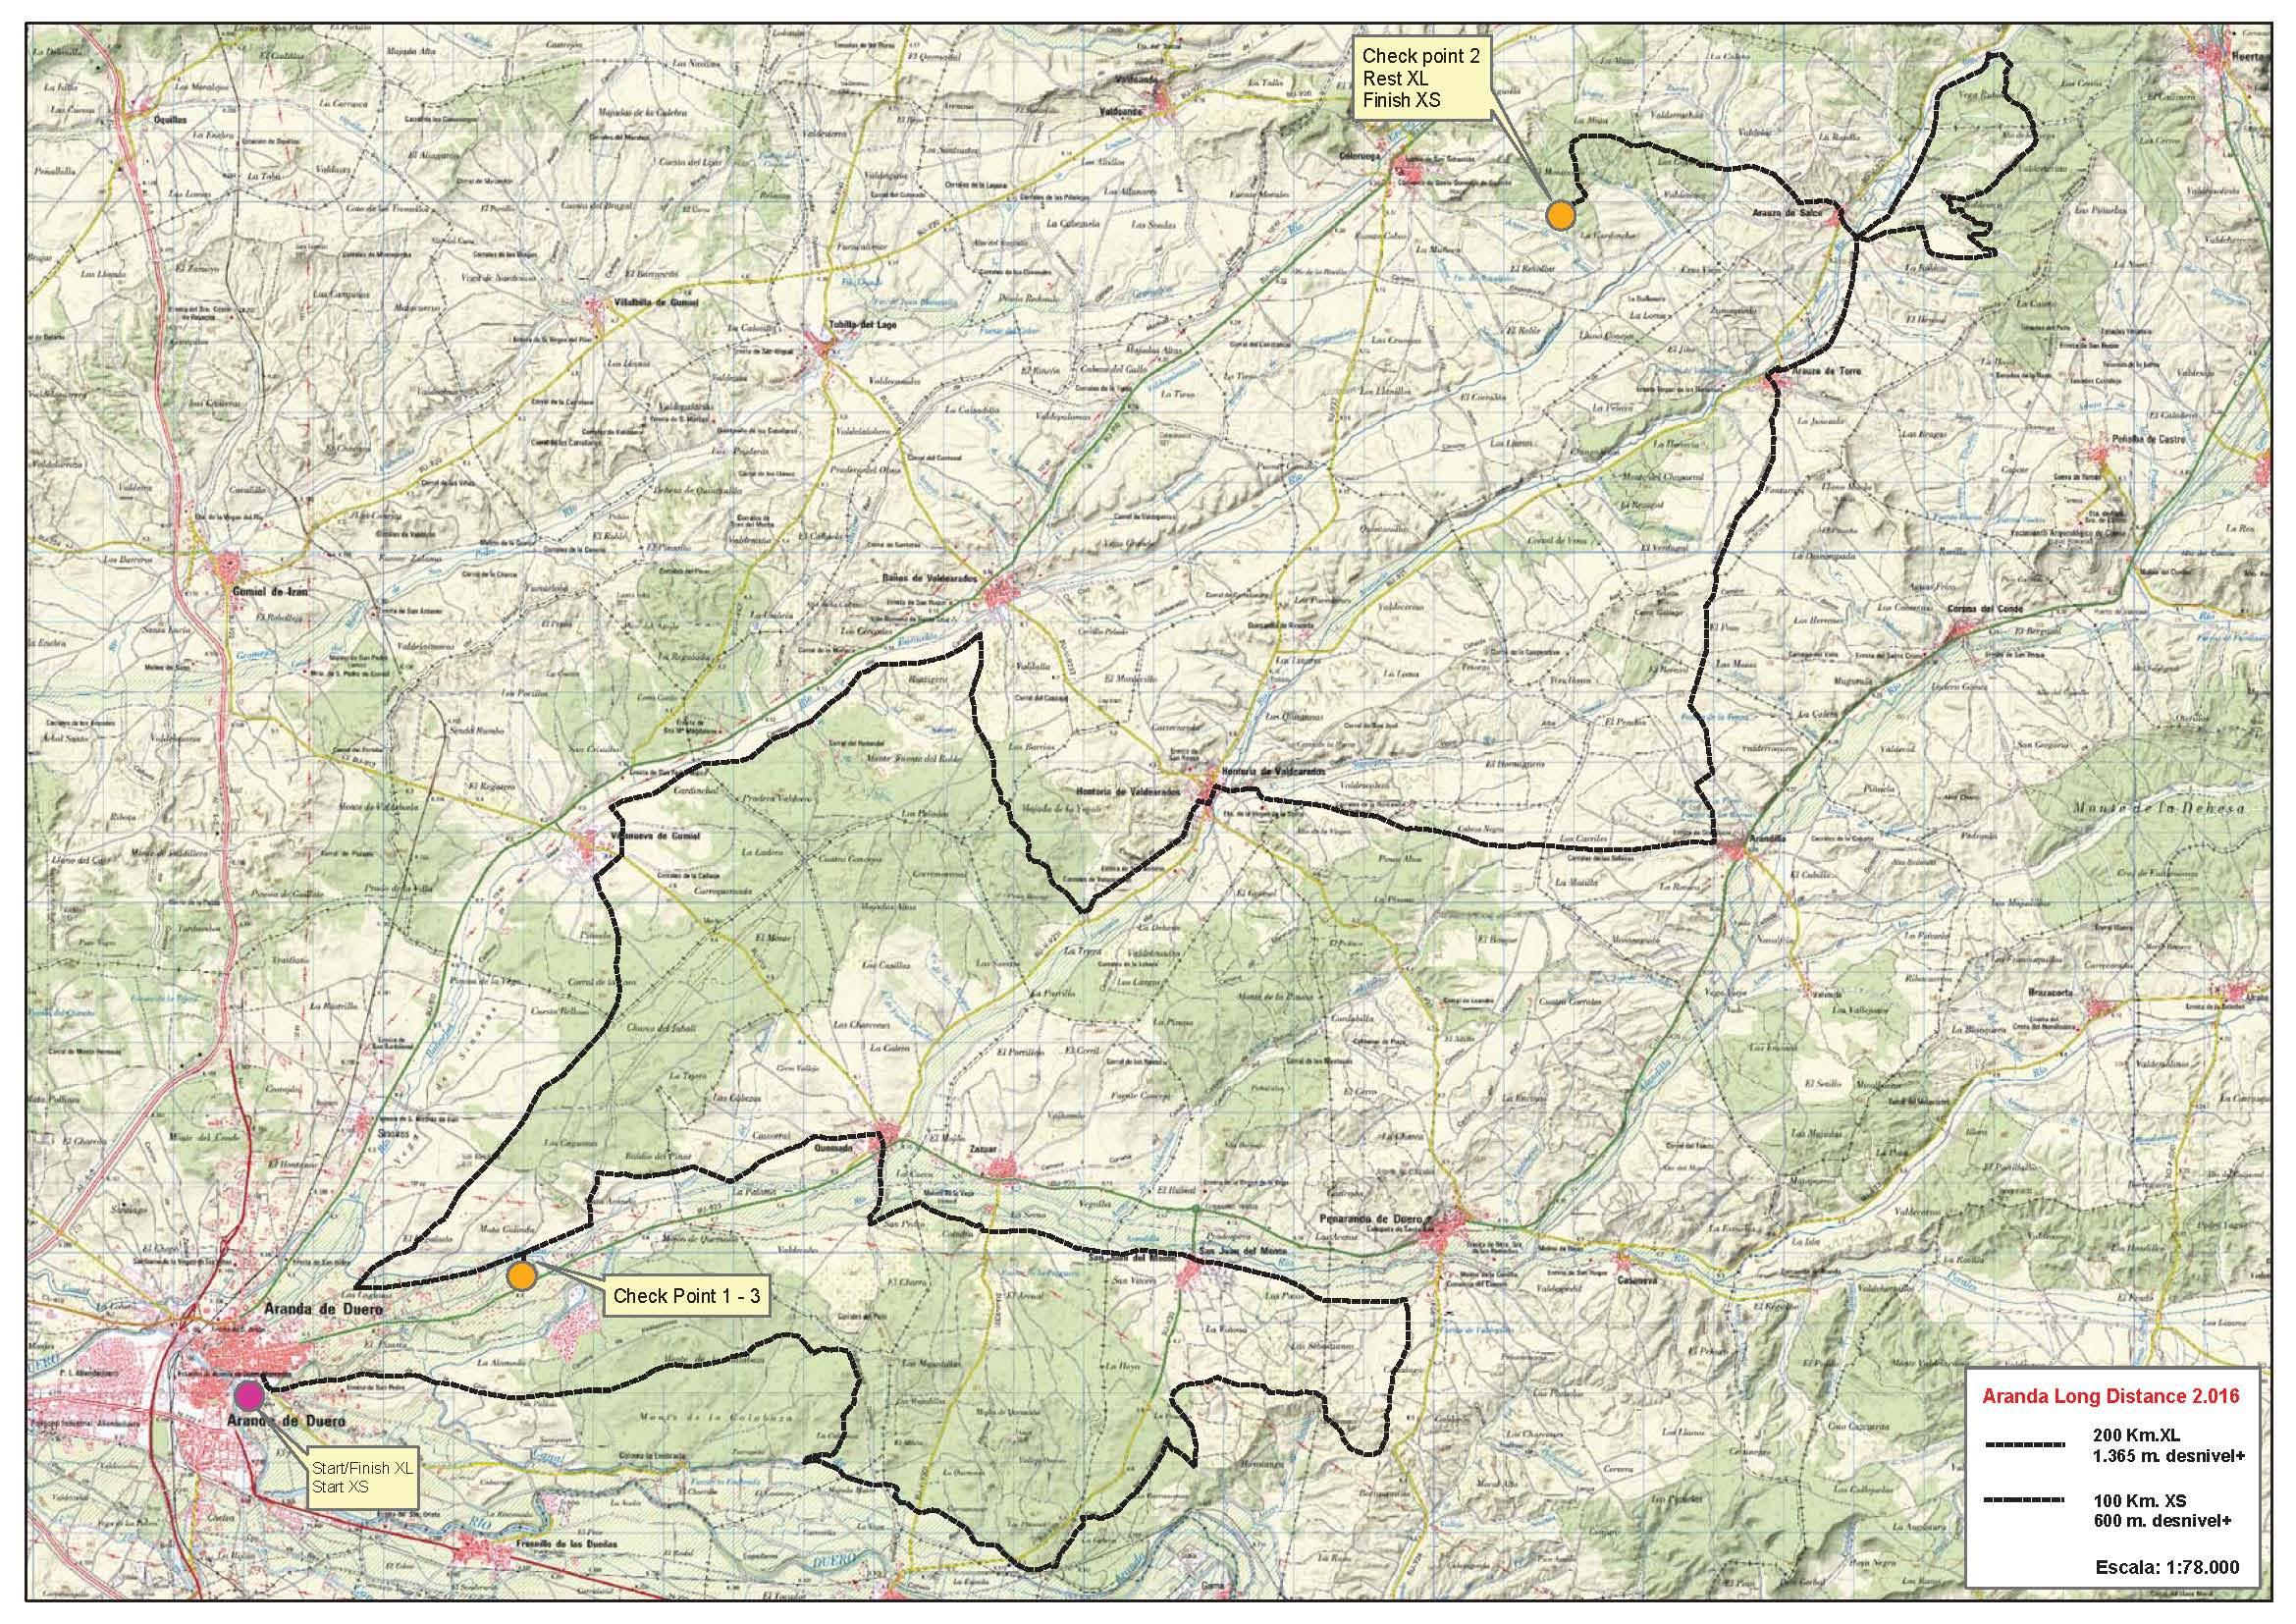 Mapa SLD 2016 Aranda